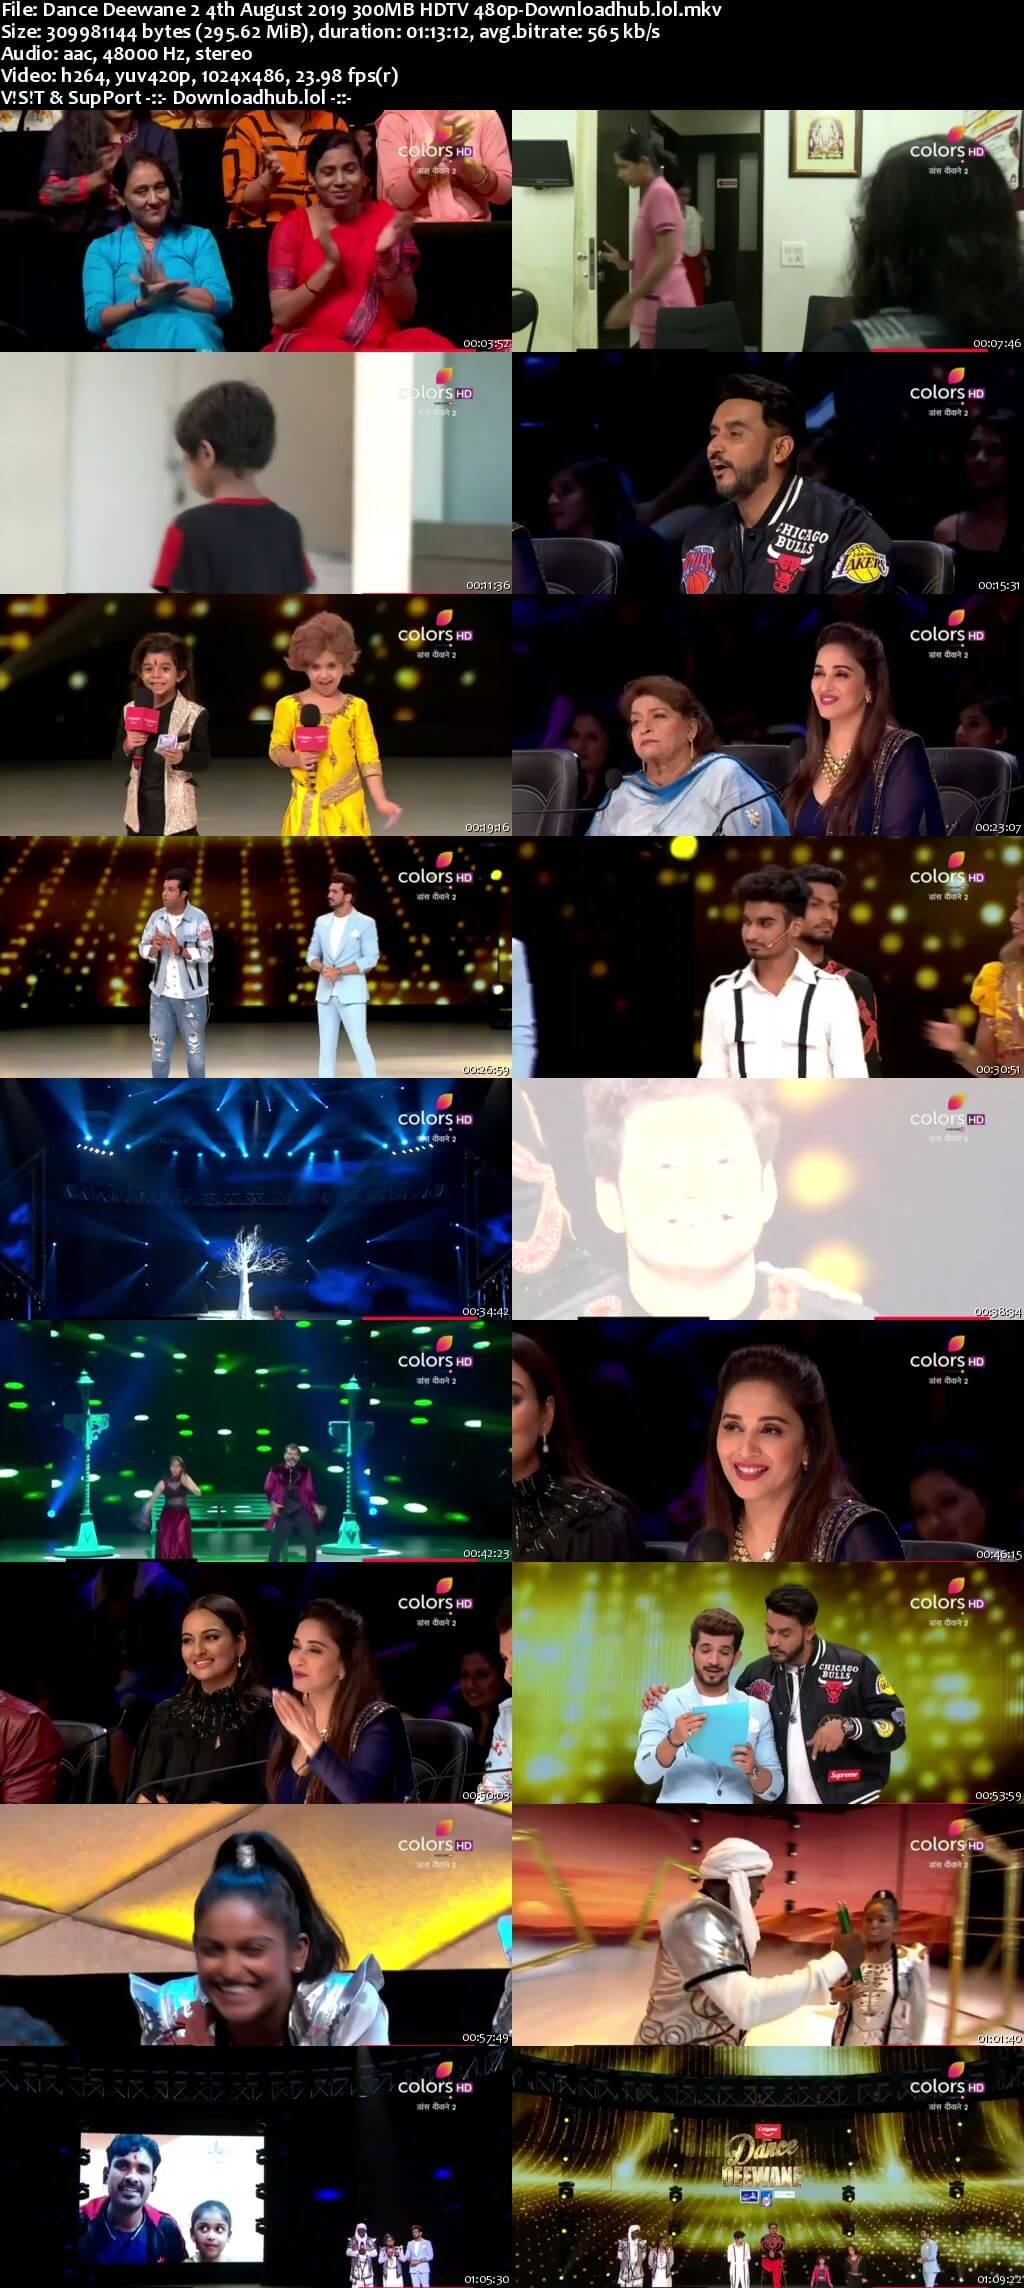 Dance Deewane 2 04 August 2019 Episode 16 HDTV 480p